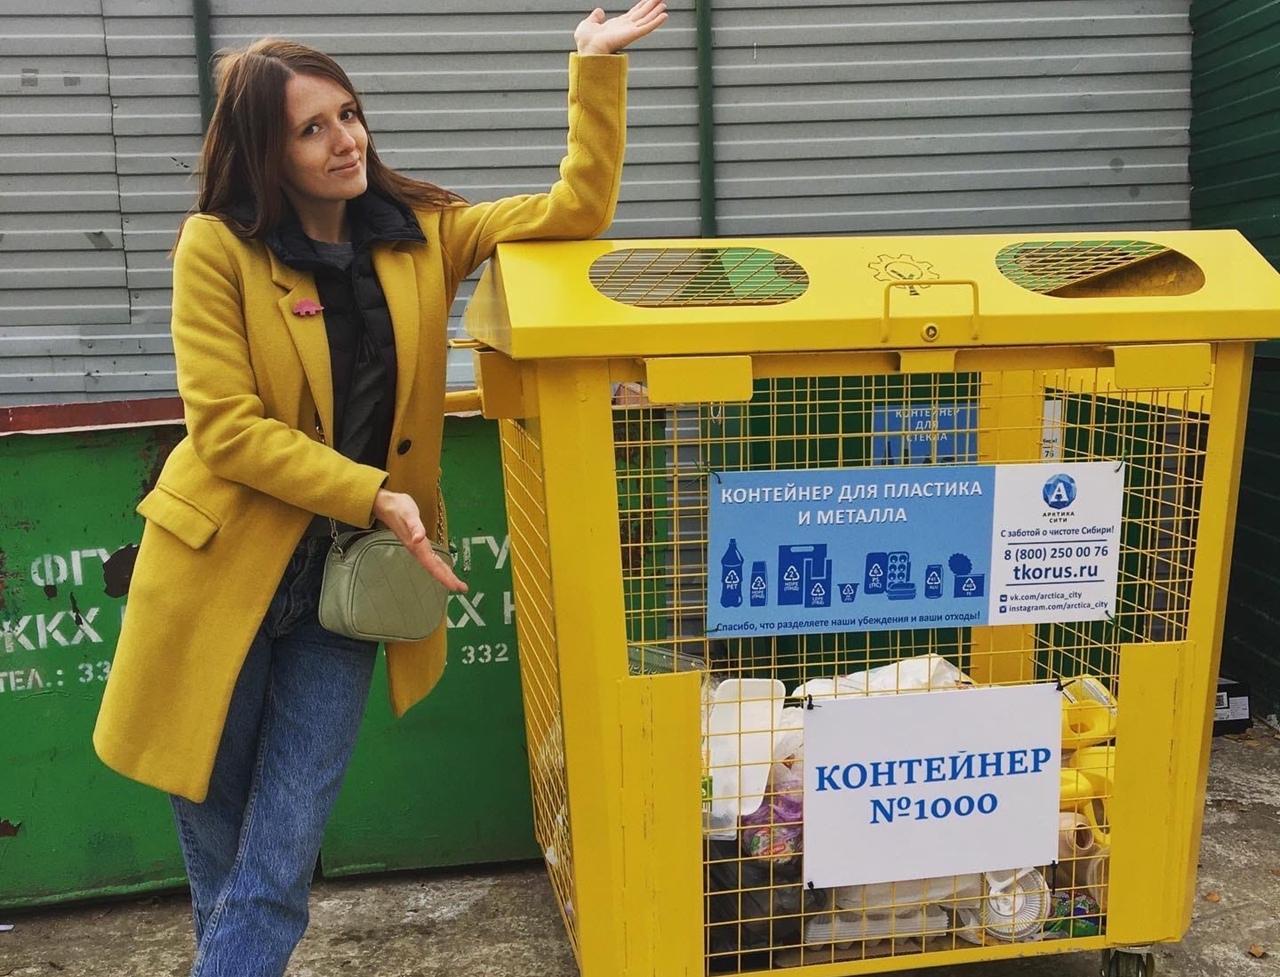 Как активистка в Новосибирске организовала экологичное расхламление квартир